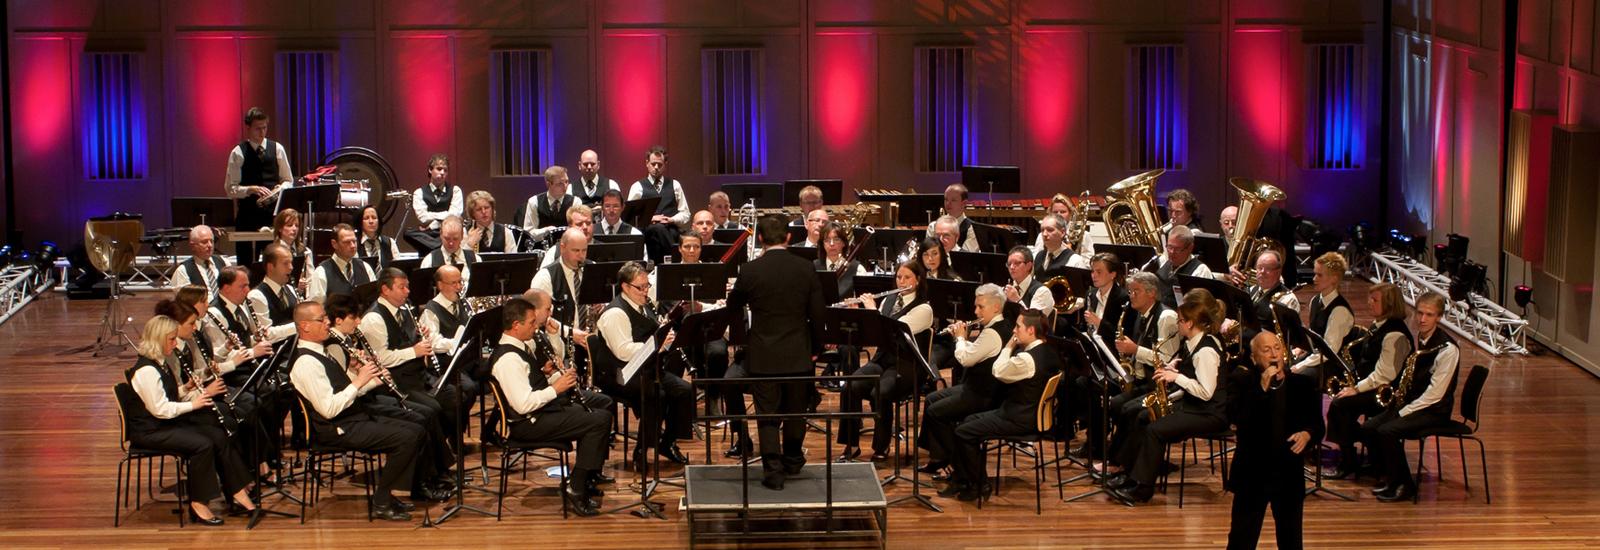 Afbeeldingsresultaat voor Harmonieorkest